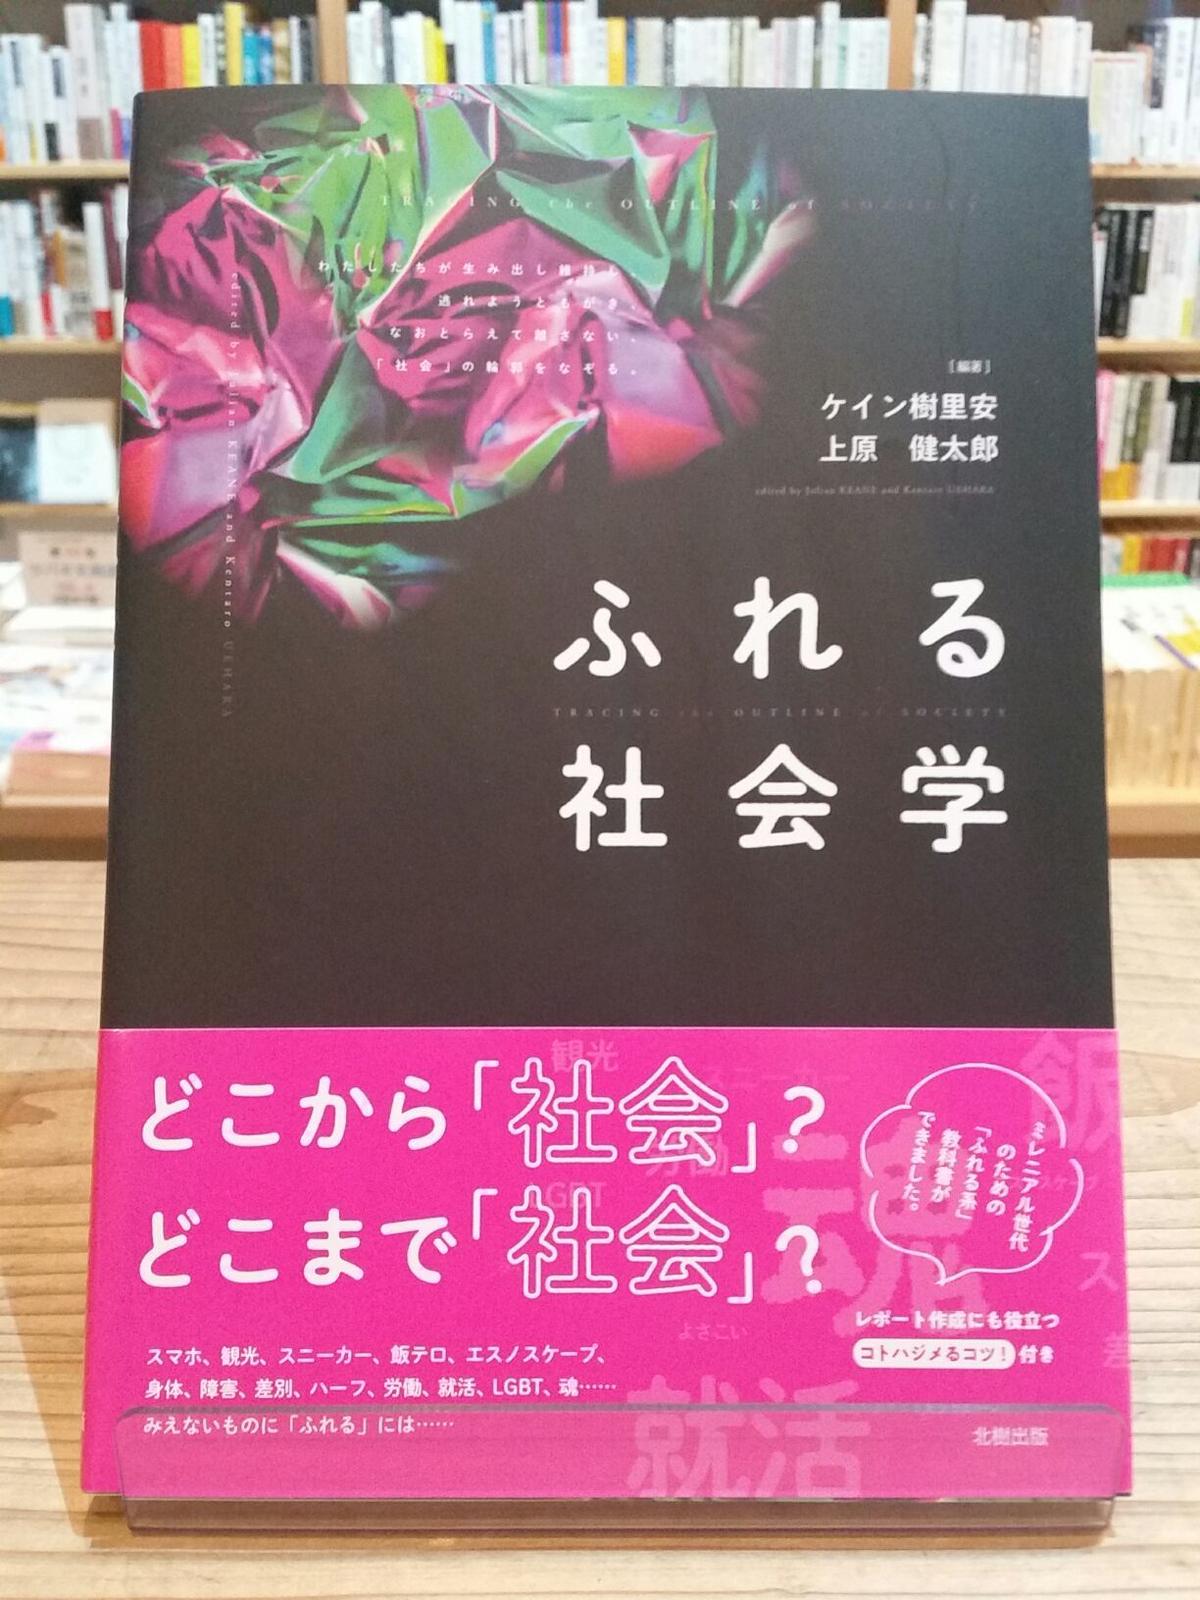 ふれる 社会 学 『ふれる社会学』刊行イベント #ふれしゃかフェス...